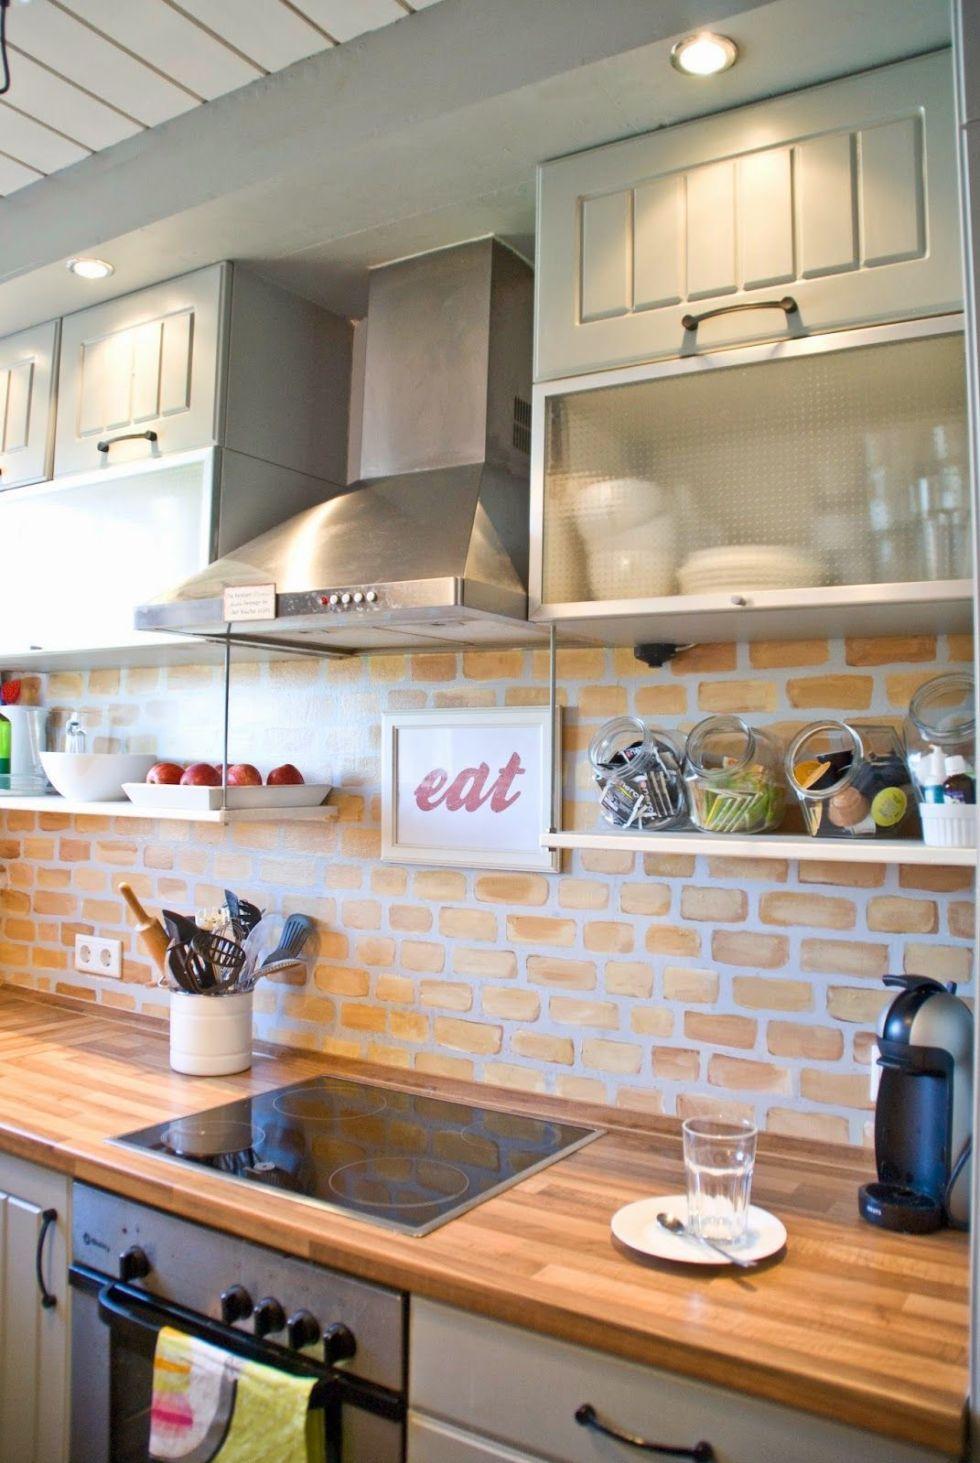 How to Add Storage on Your Backsplash - Kitchen Backsplash ...